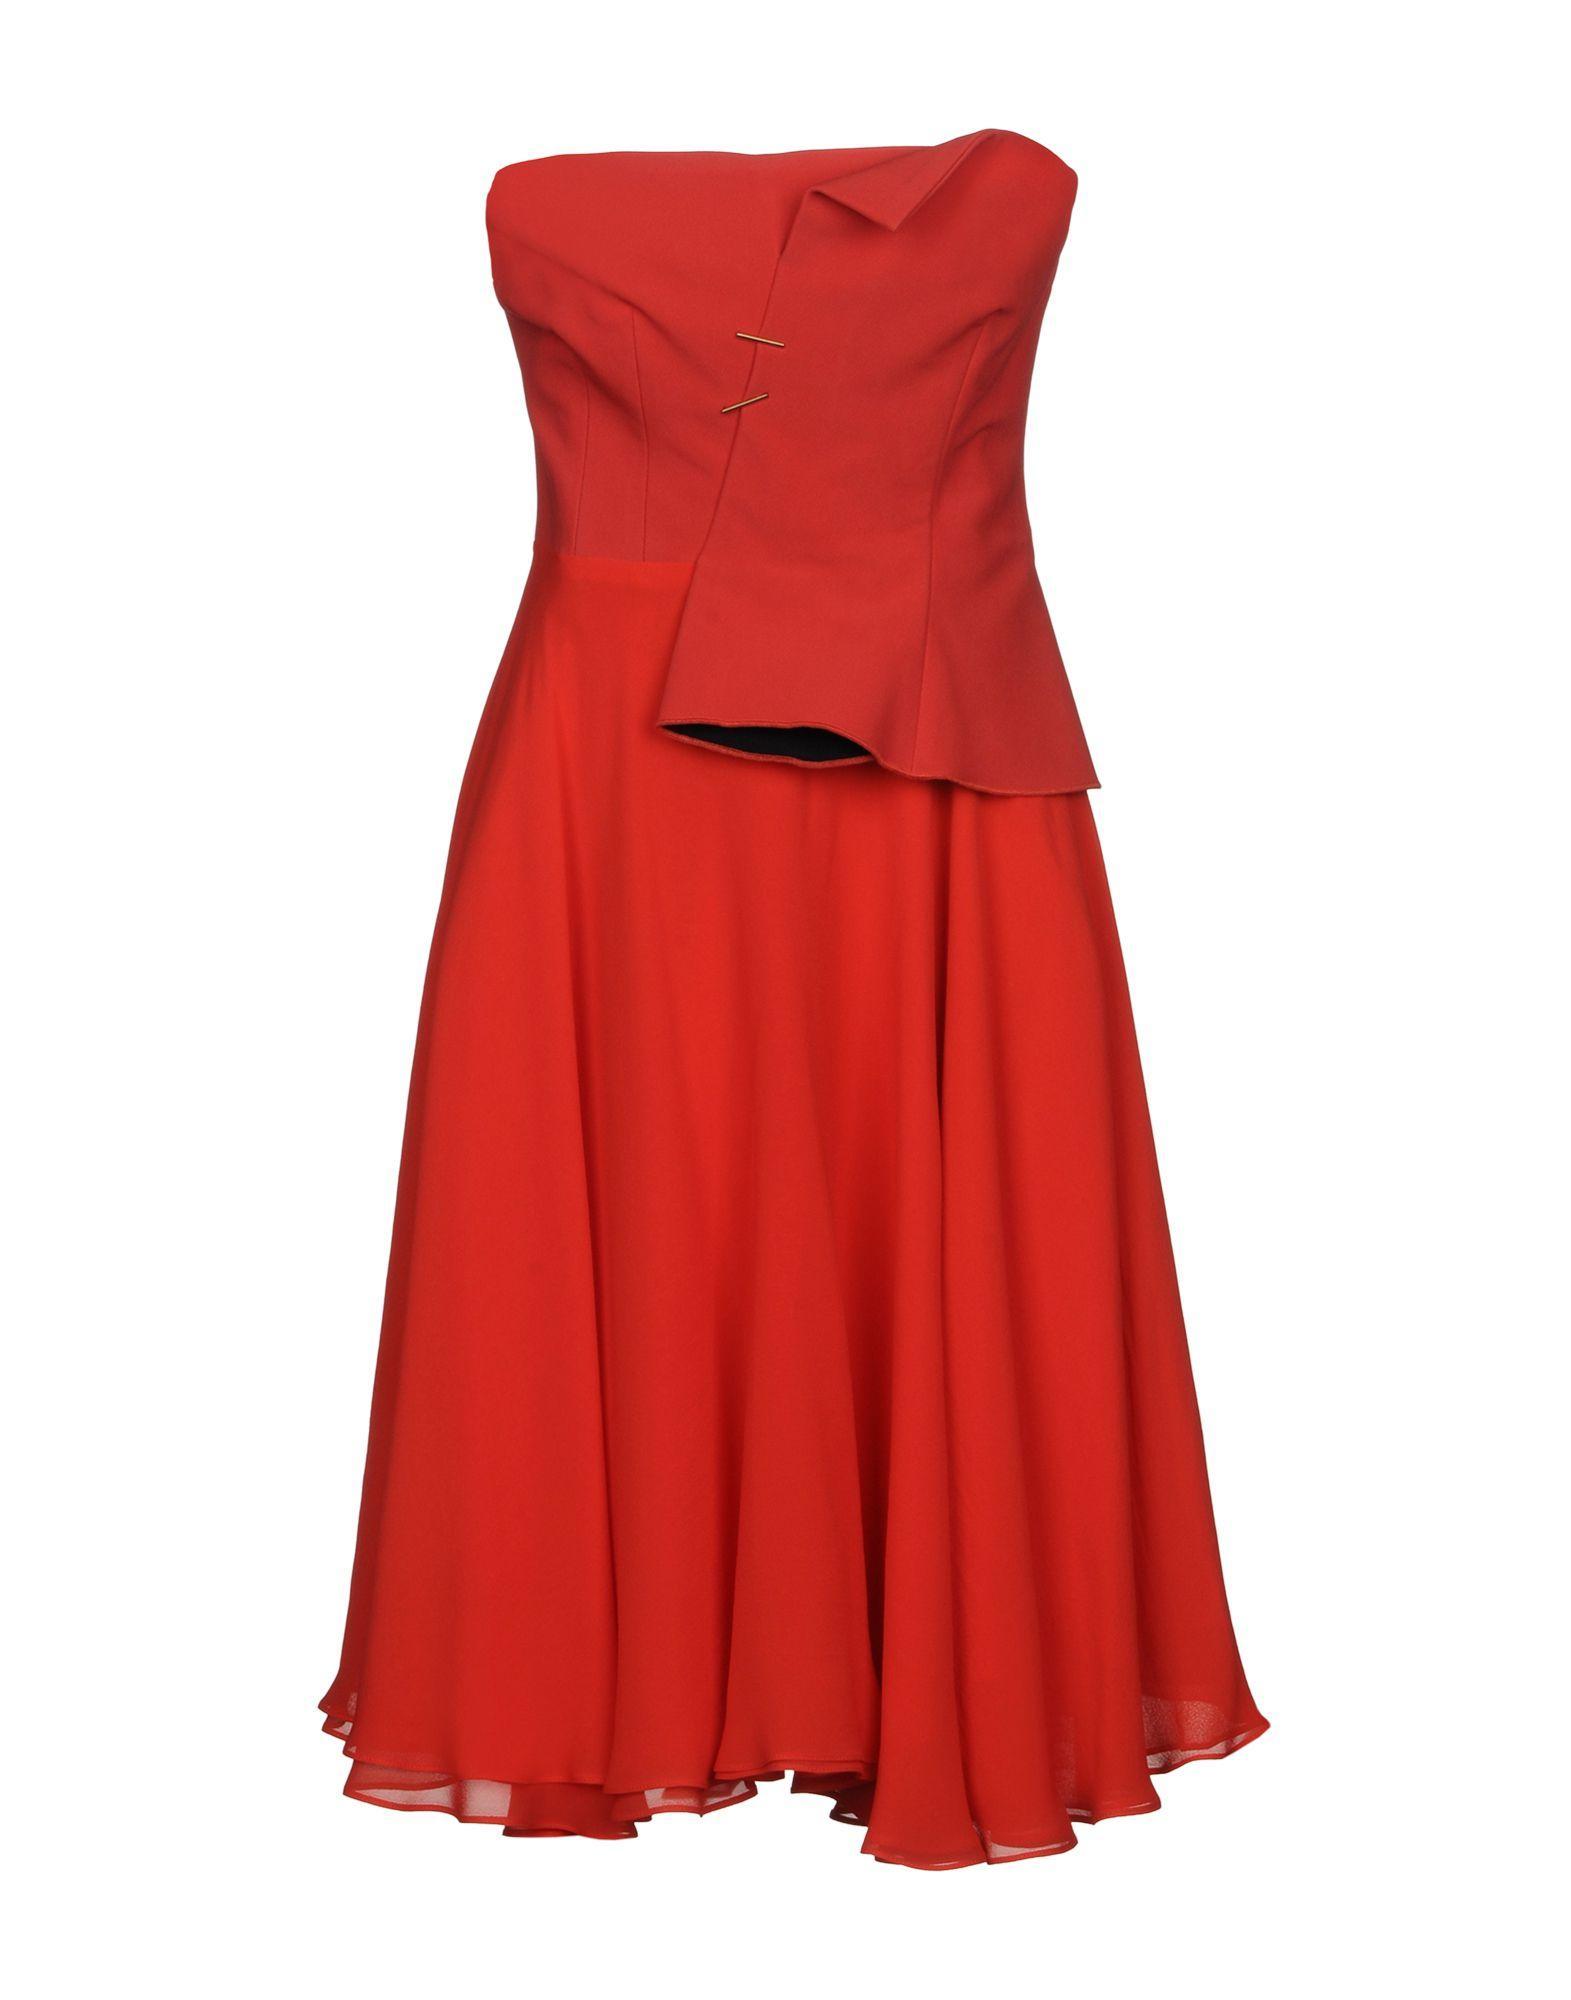 Marios Schwab Short Dress In Coral